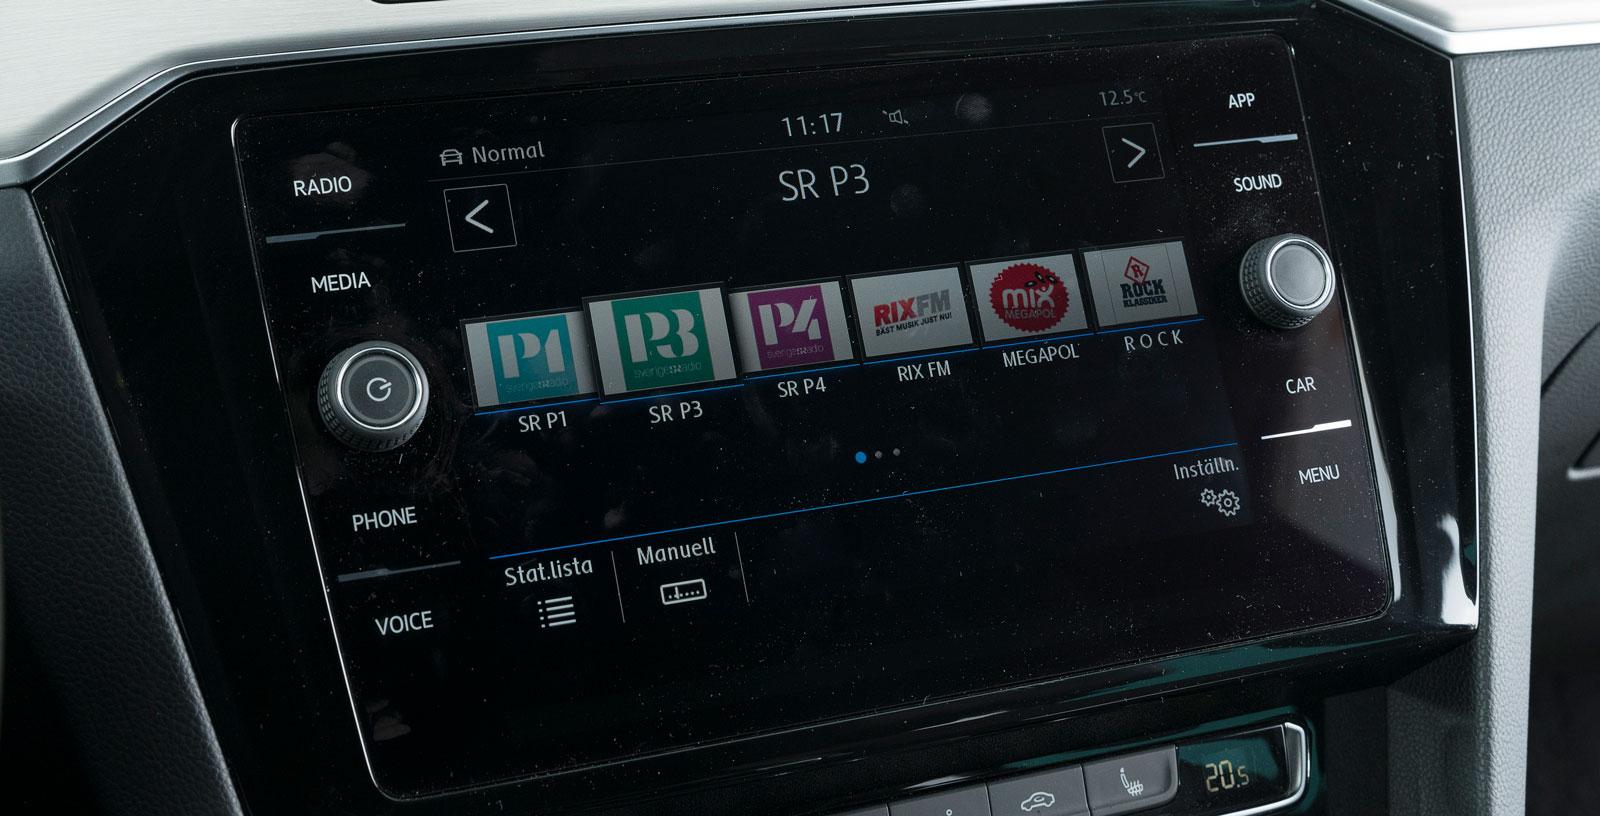 """Volvos skärm är tydlig och enkel att sköta när man väl vant sig vid menyordningen. Åtskilliga funktioner kan """"möbleras om"""" efter förarens önskemål."""